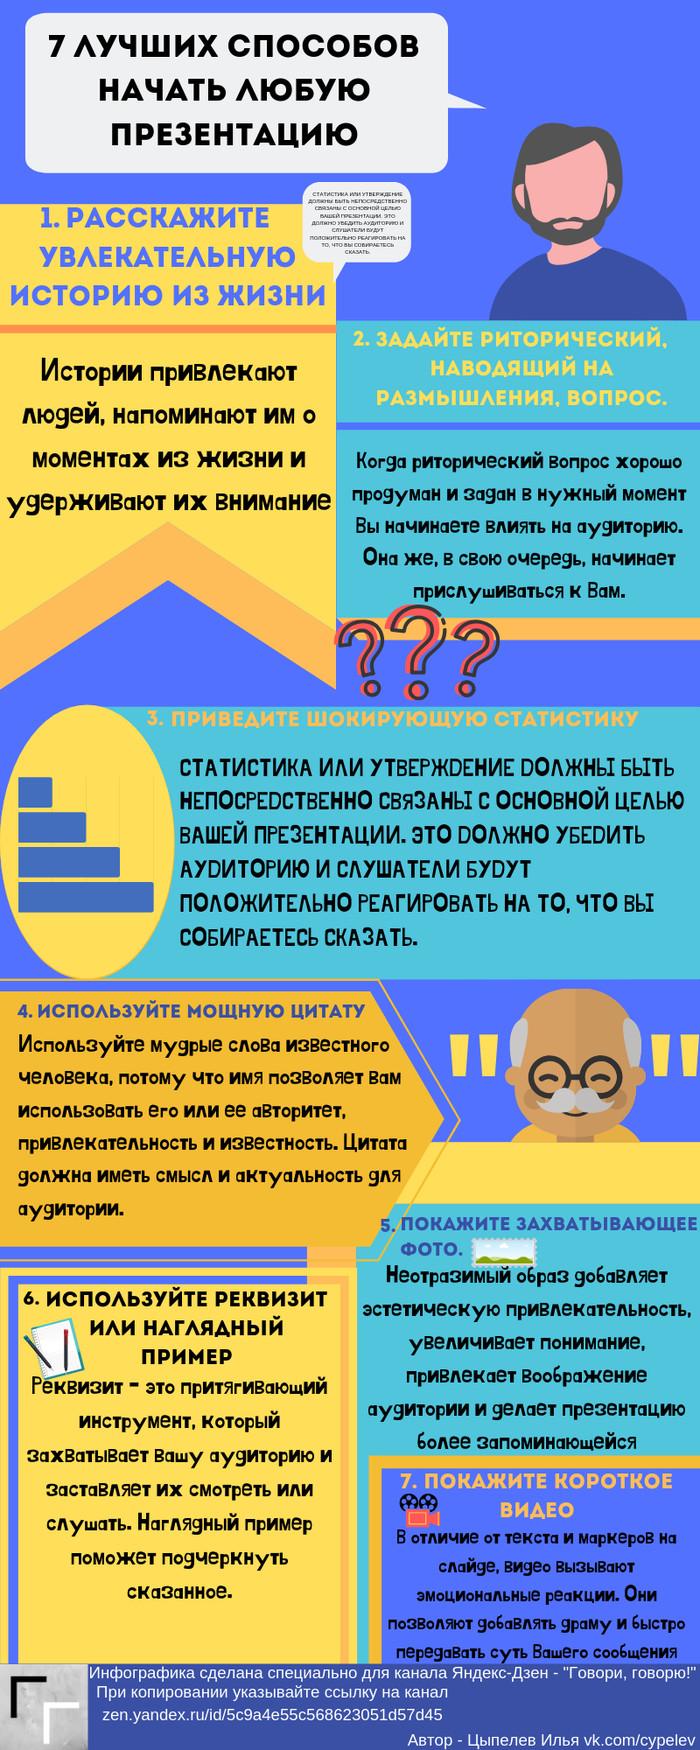 Инфографика: 7 лучших способов начать презентацию! Инфографика, Презентация, Выступление, Полезное, Длиннопост, Яндекс Дзен